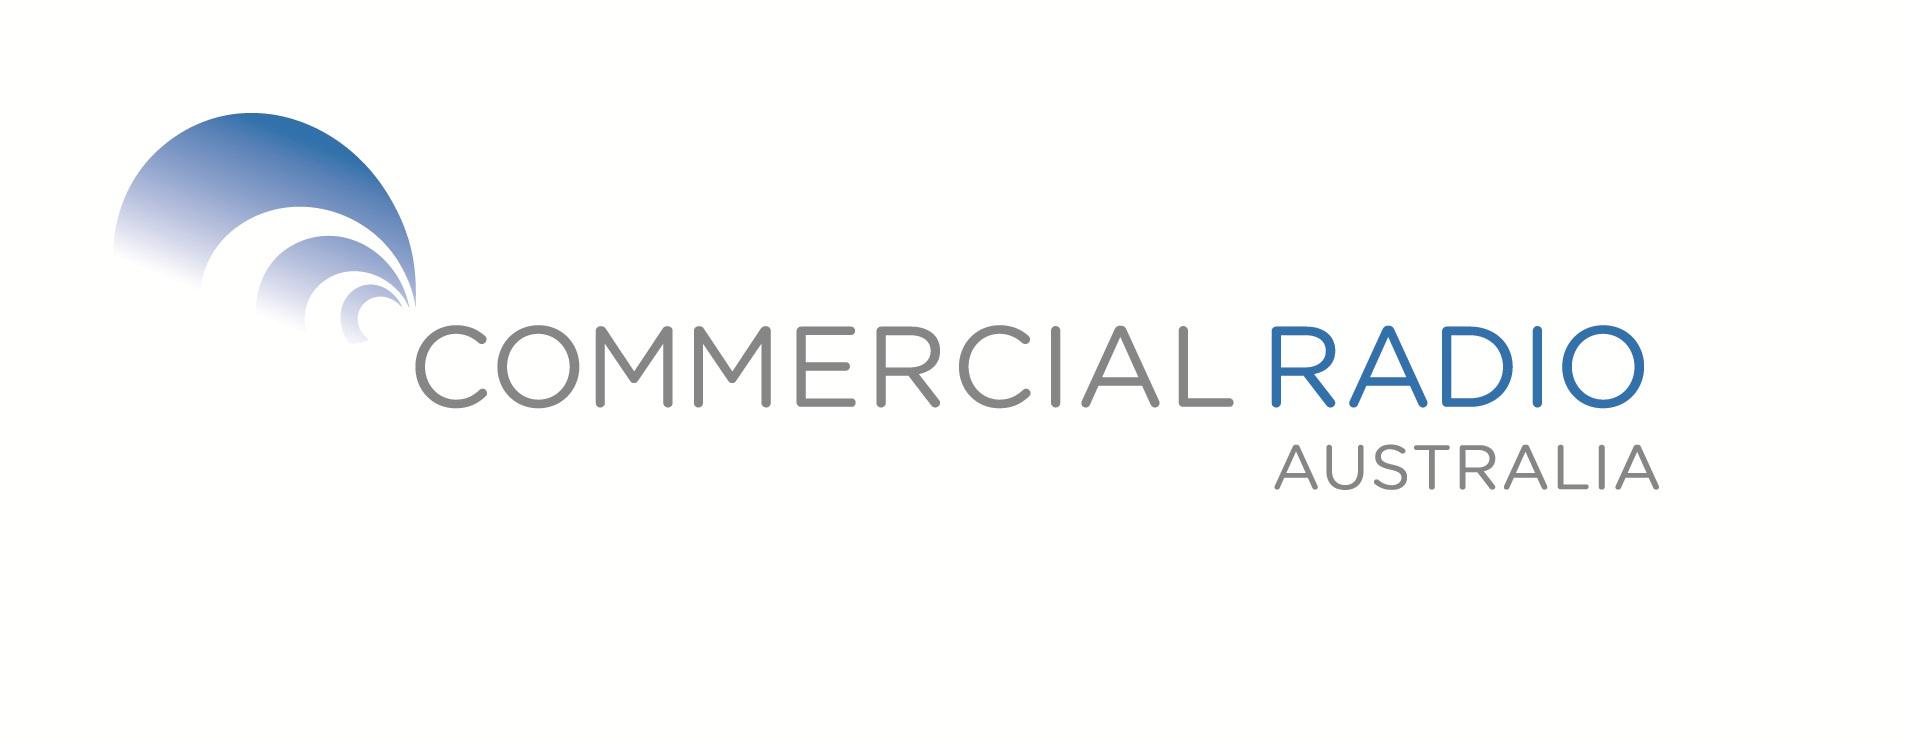 Australie : rebond des revenus publicitaires des radios commerciales